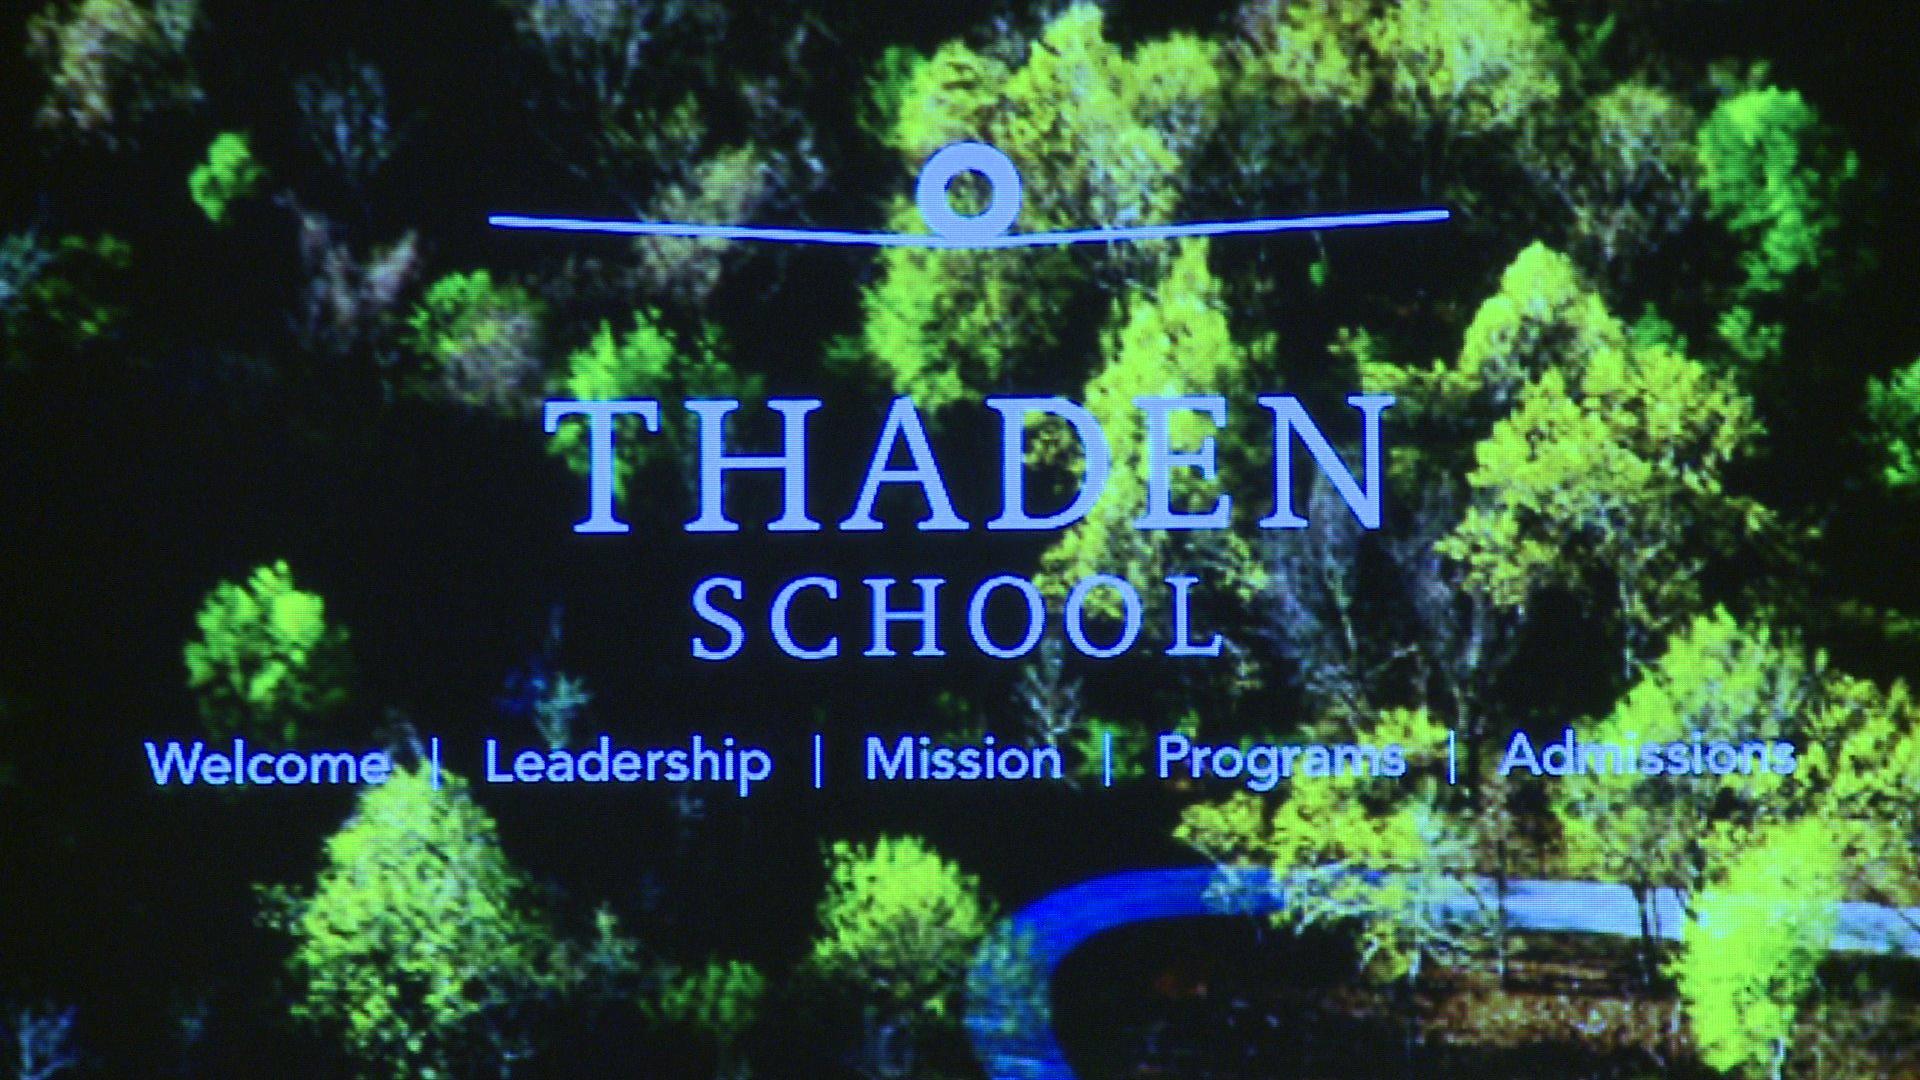 thaden-school